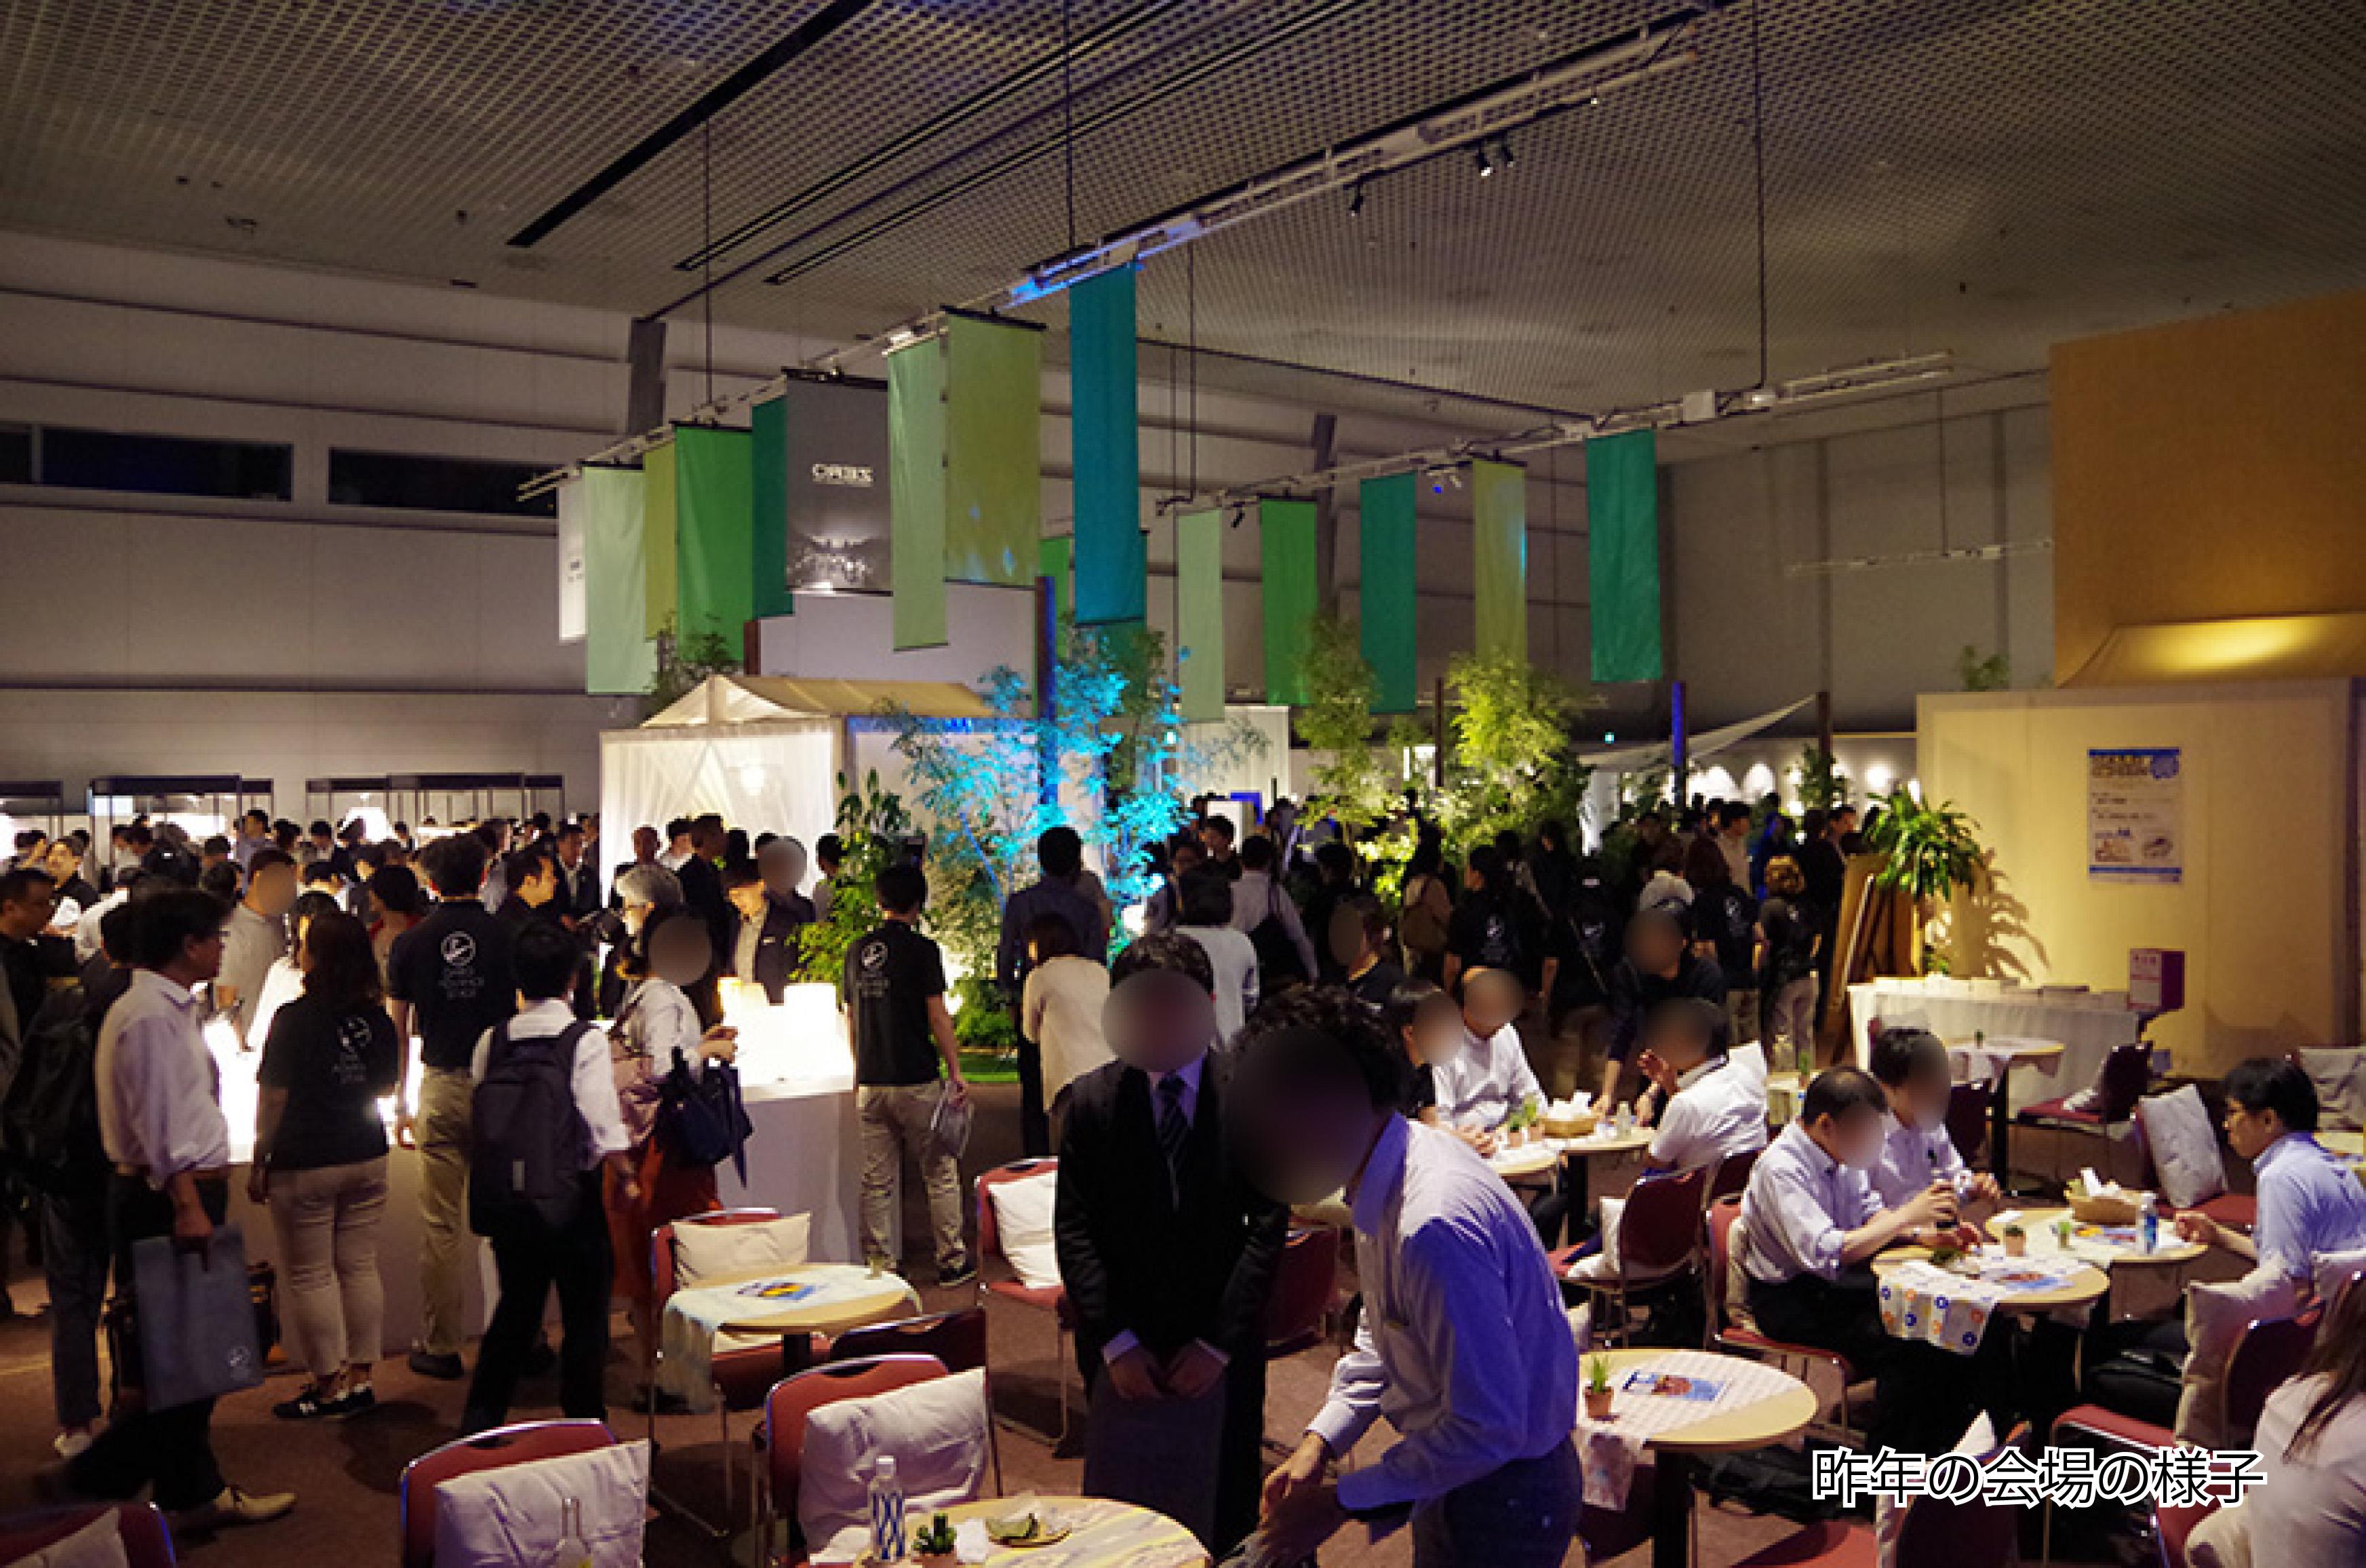 【大光電機】DAIKO ADVANCE STAGE 2019 名古屋会場も盛況 !の画像